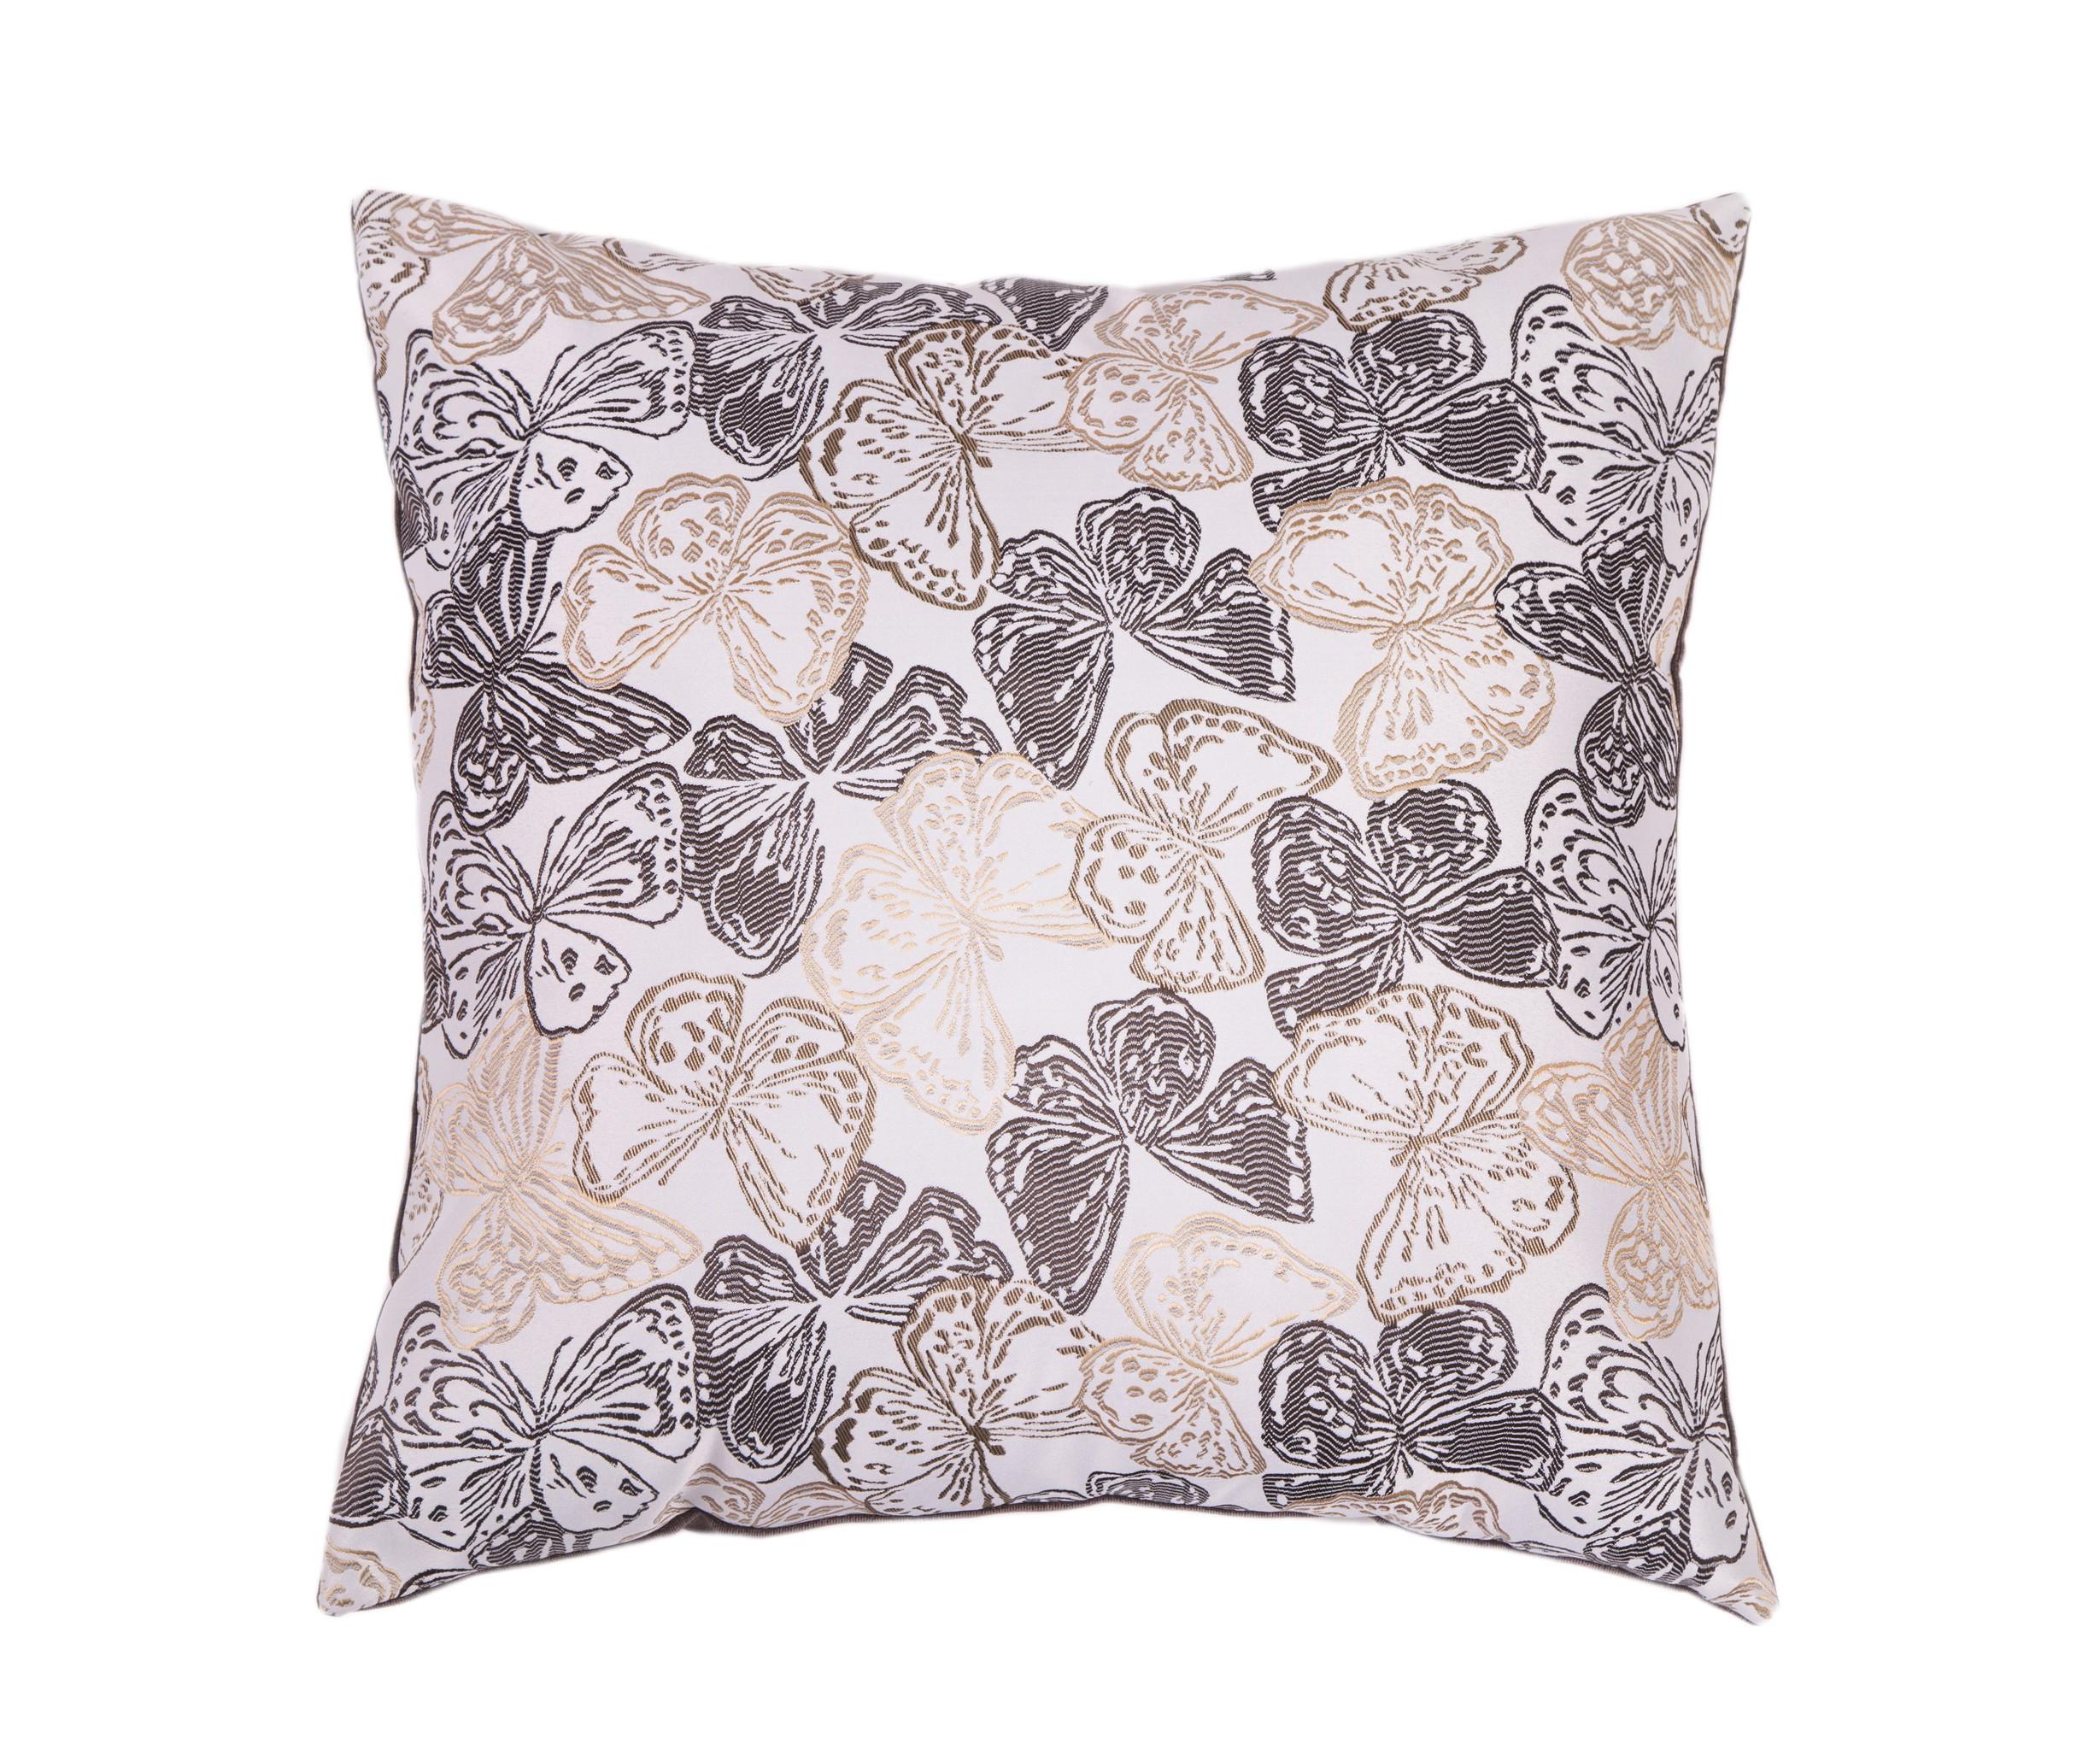 Подушка Шоколадные бабочкиКвадратные подушки и наволочки<br>Двусторонняя декоративная подушка &amp;quot;Шоколадные бабочки&amp;quot; станет ярким акцентом в вашем интерьере. На одной стороне принт с красочными бабочками солнечных тонов, на другой стороне - нежный велюр сделают пространство комнаты веселым и радостным.  Высококачественный материал приятен для кожи и безопасен даже для самой чувствительной кожи.  Оригинальный дизайнерский принт сделает пространство стильным и своеобразным.  Красивый рисунок на ткани станет ярким акцентом в вашем декоре.<br><br>Material: Текстиль<br>Length см: None<br>Width см: 55<br>Depth см: 10<br>Height см: 55